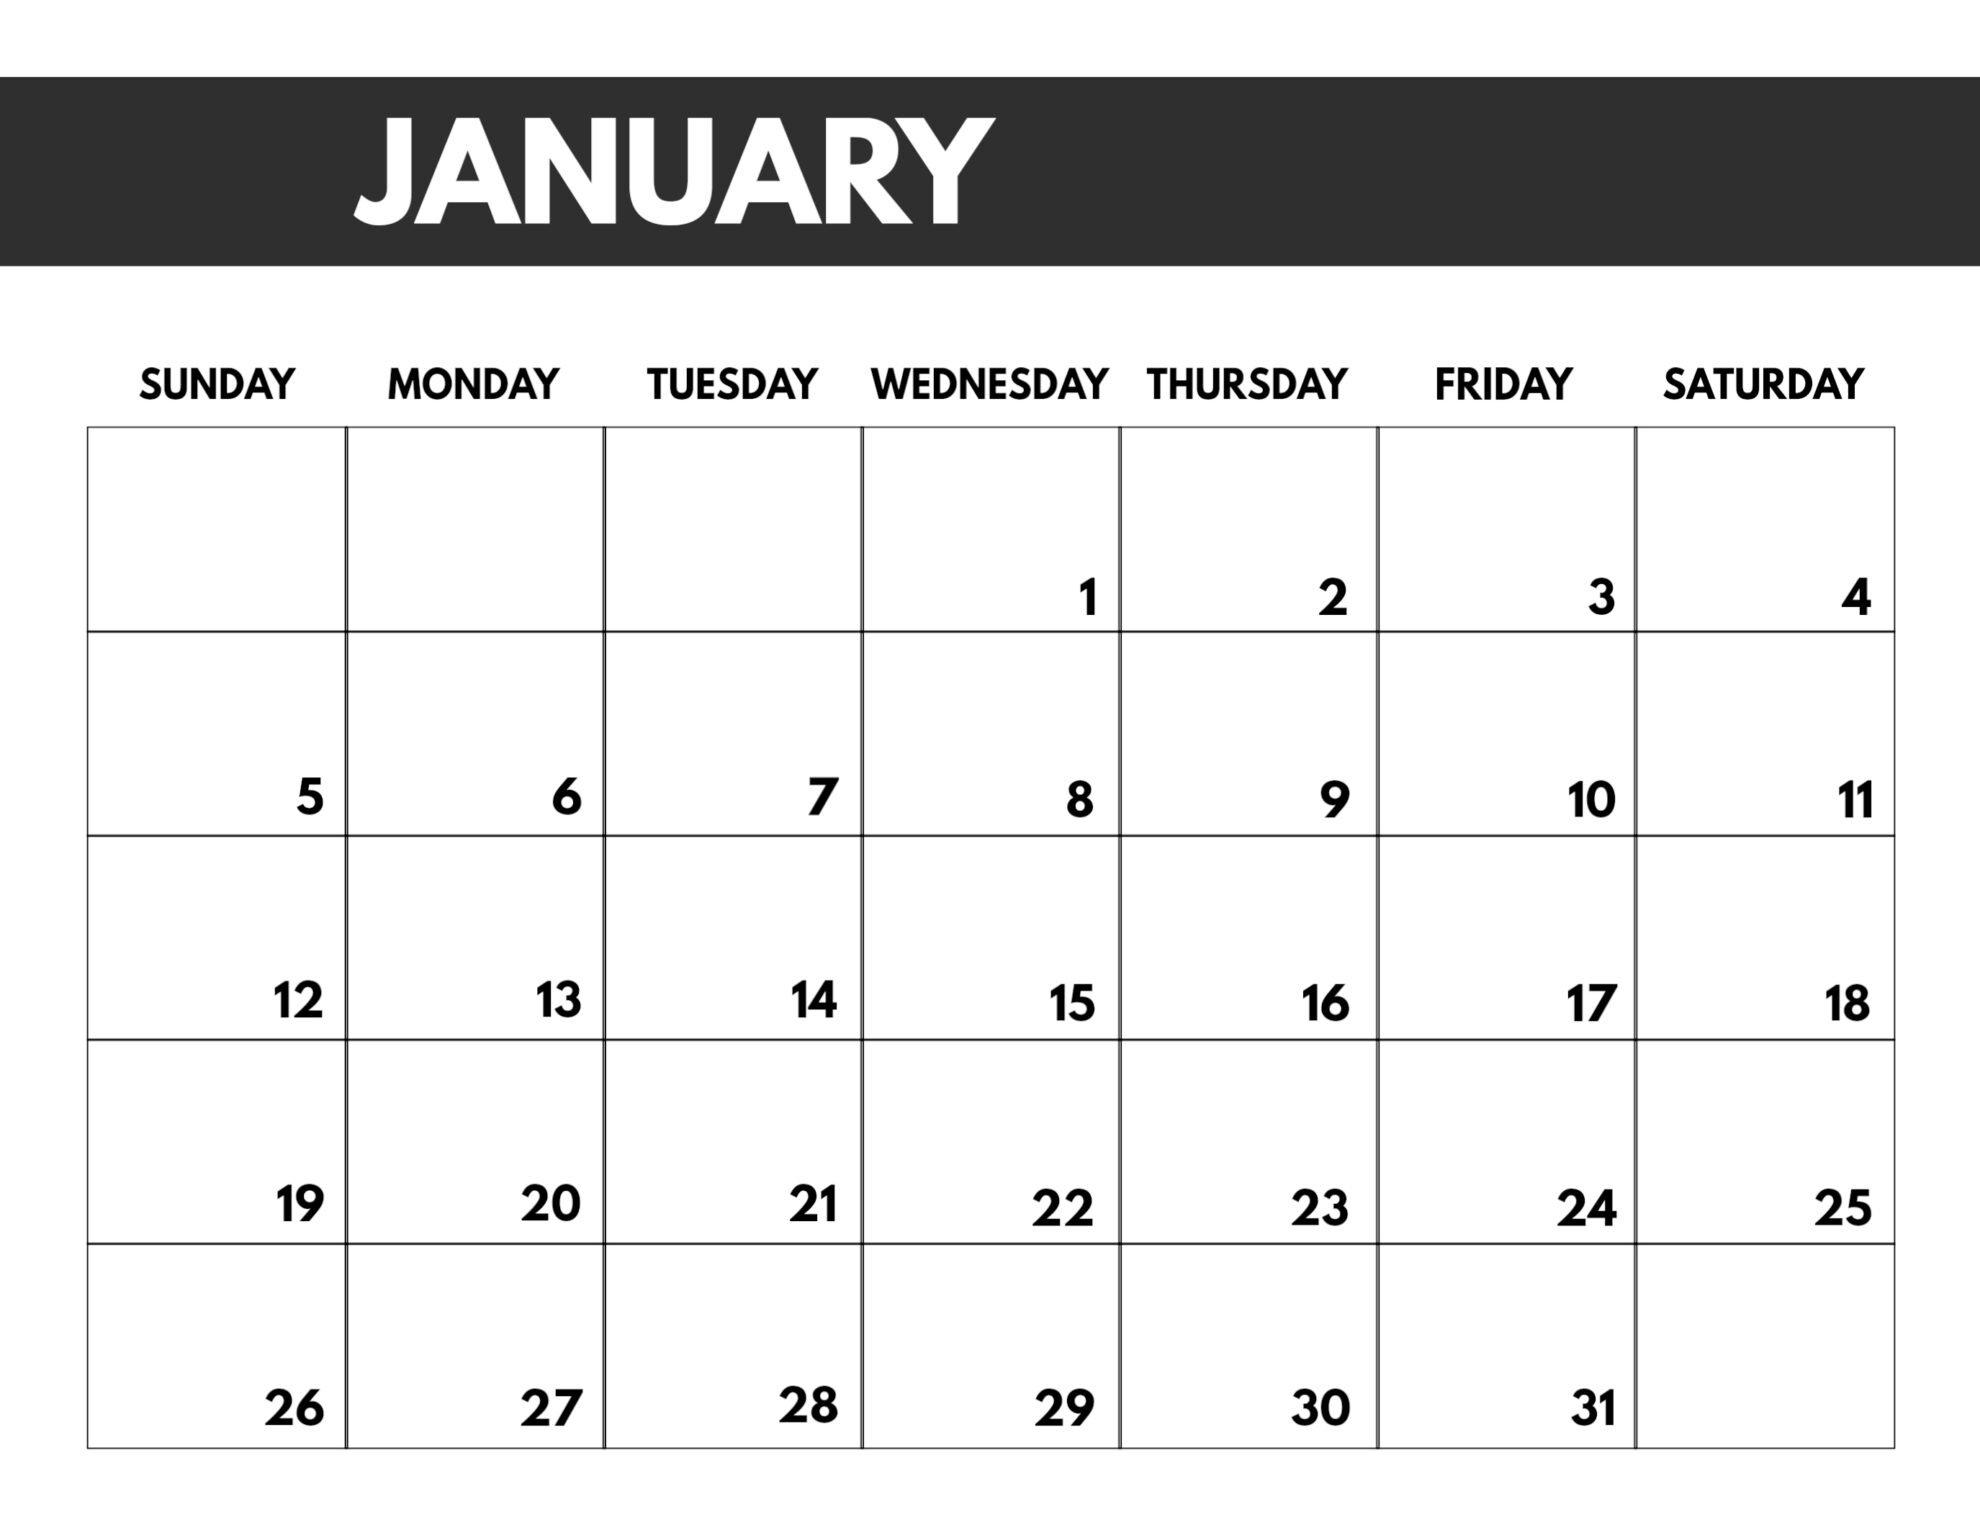 Free 8.5 X 11 Calendars – Calendar Inspiration Design Free 5 X 8 Calendar